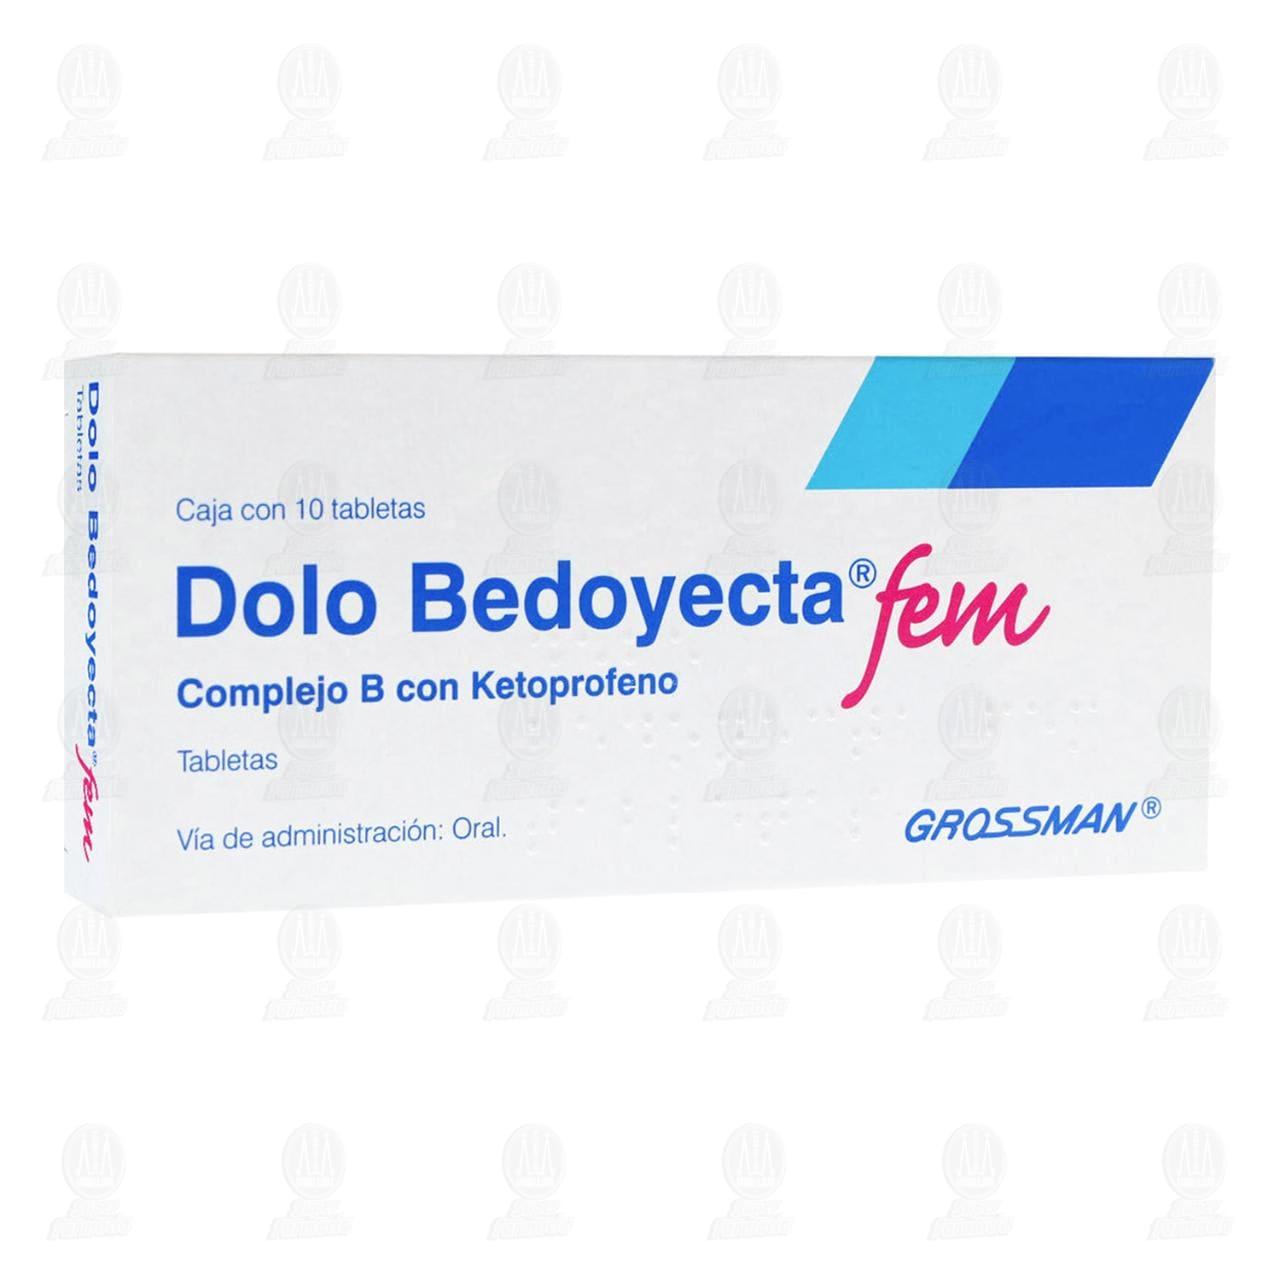 Comprar Dolo Bedoyecta Fem 10 Tabletas en Farmacias Guadalajara